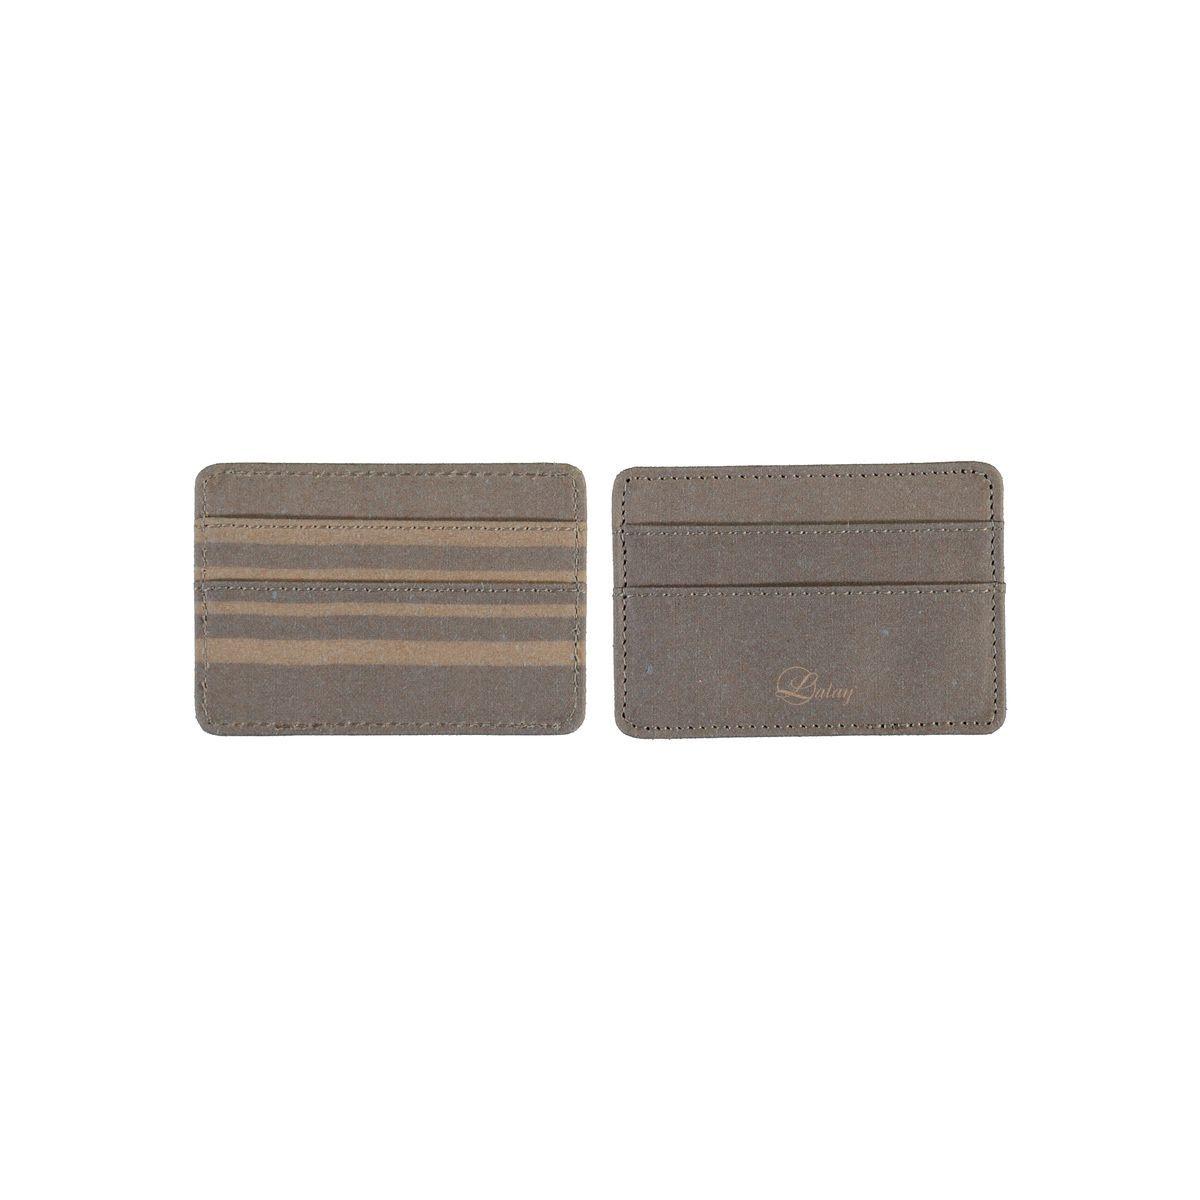 Cardholder Leather / Beige